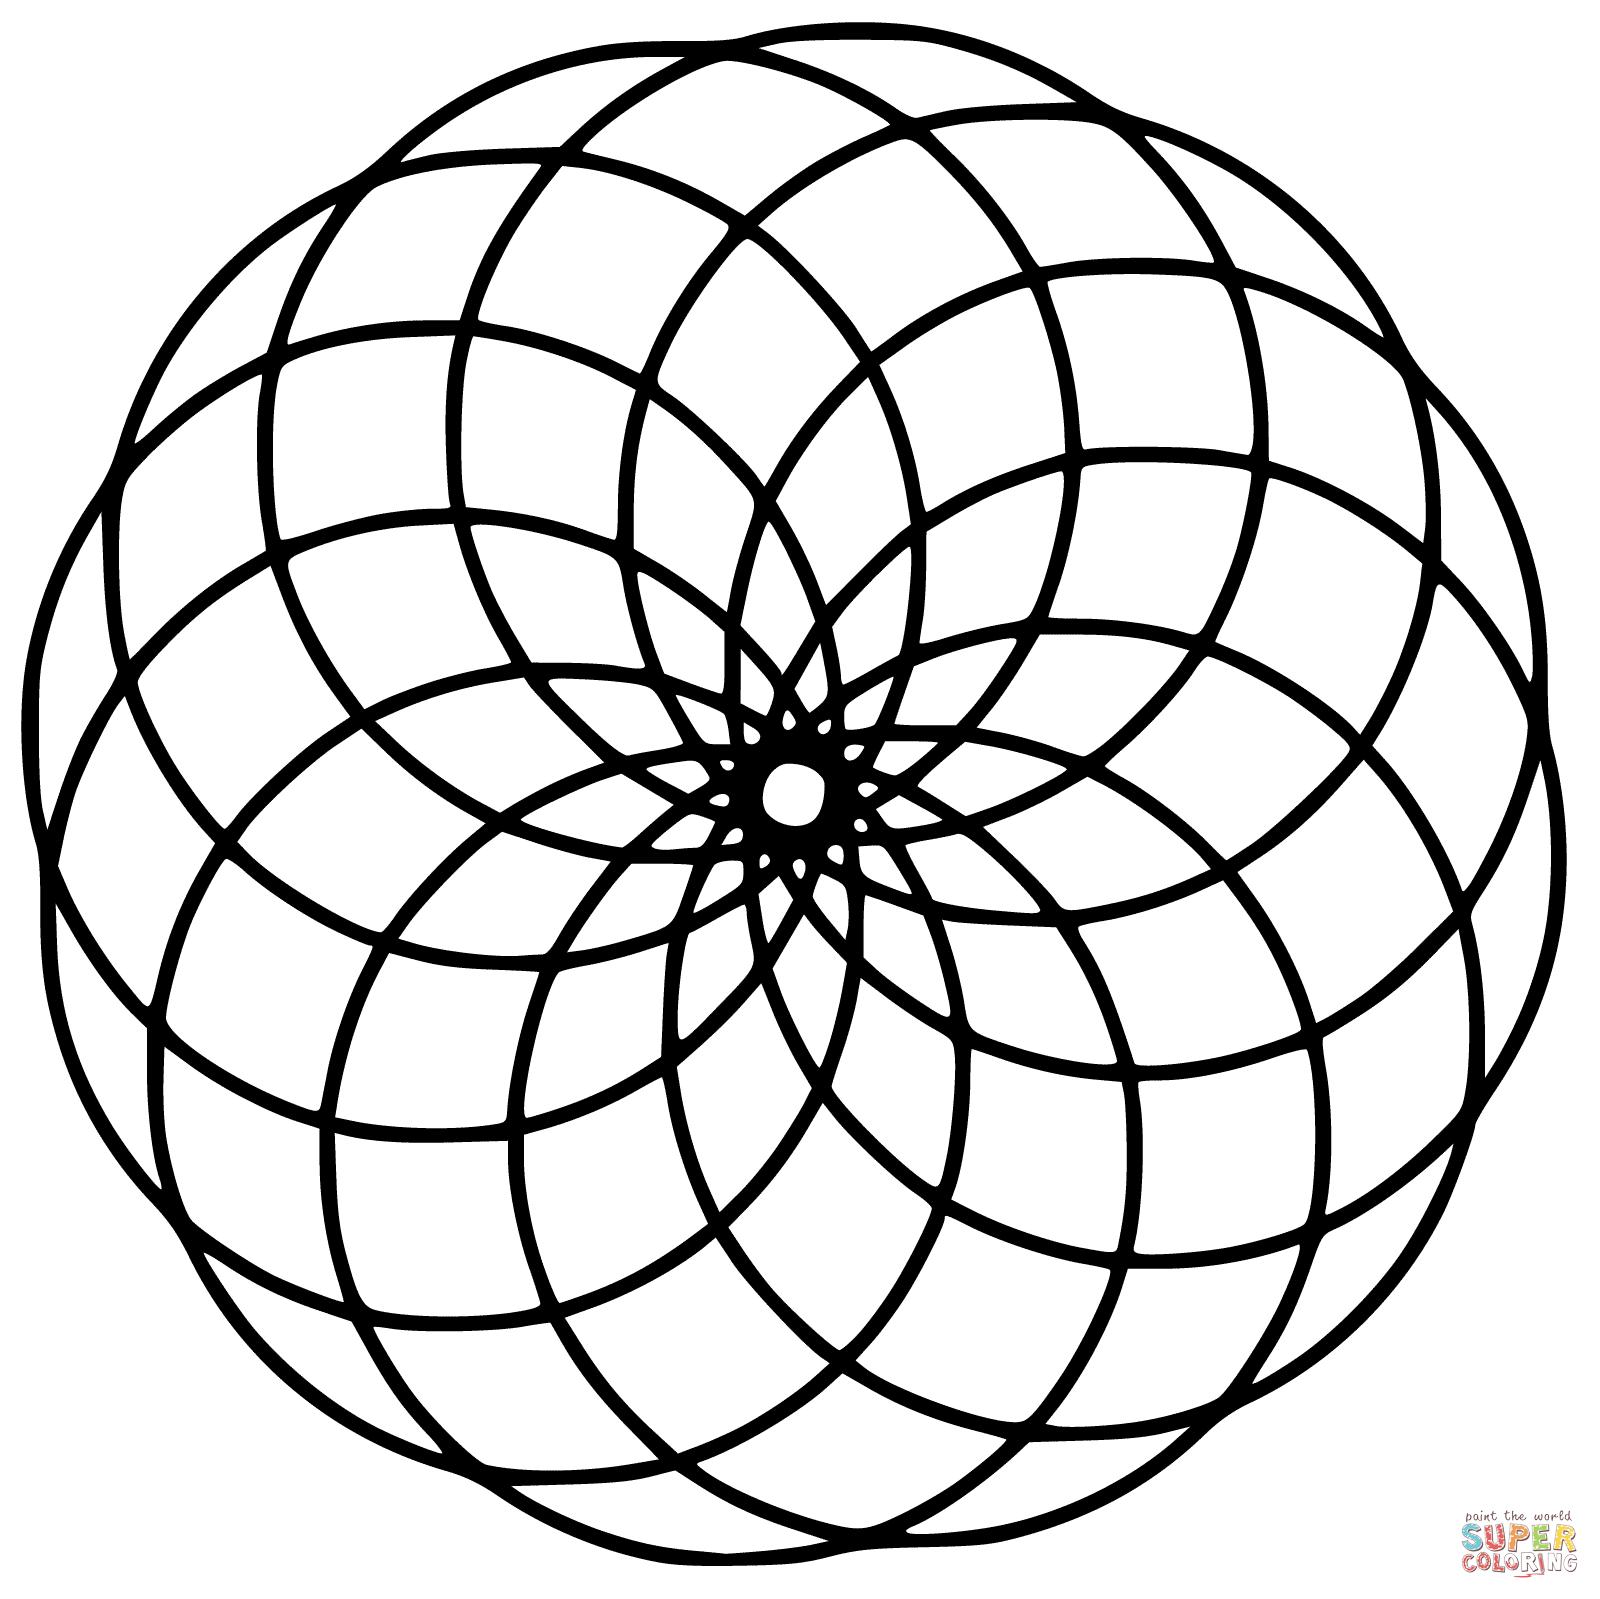 circle-mandala-5-coloring-pages.png